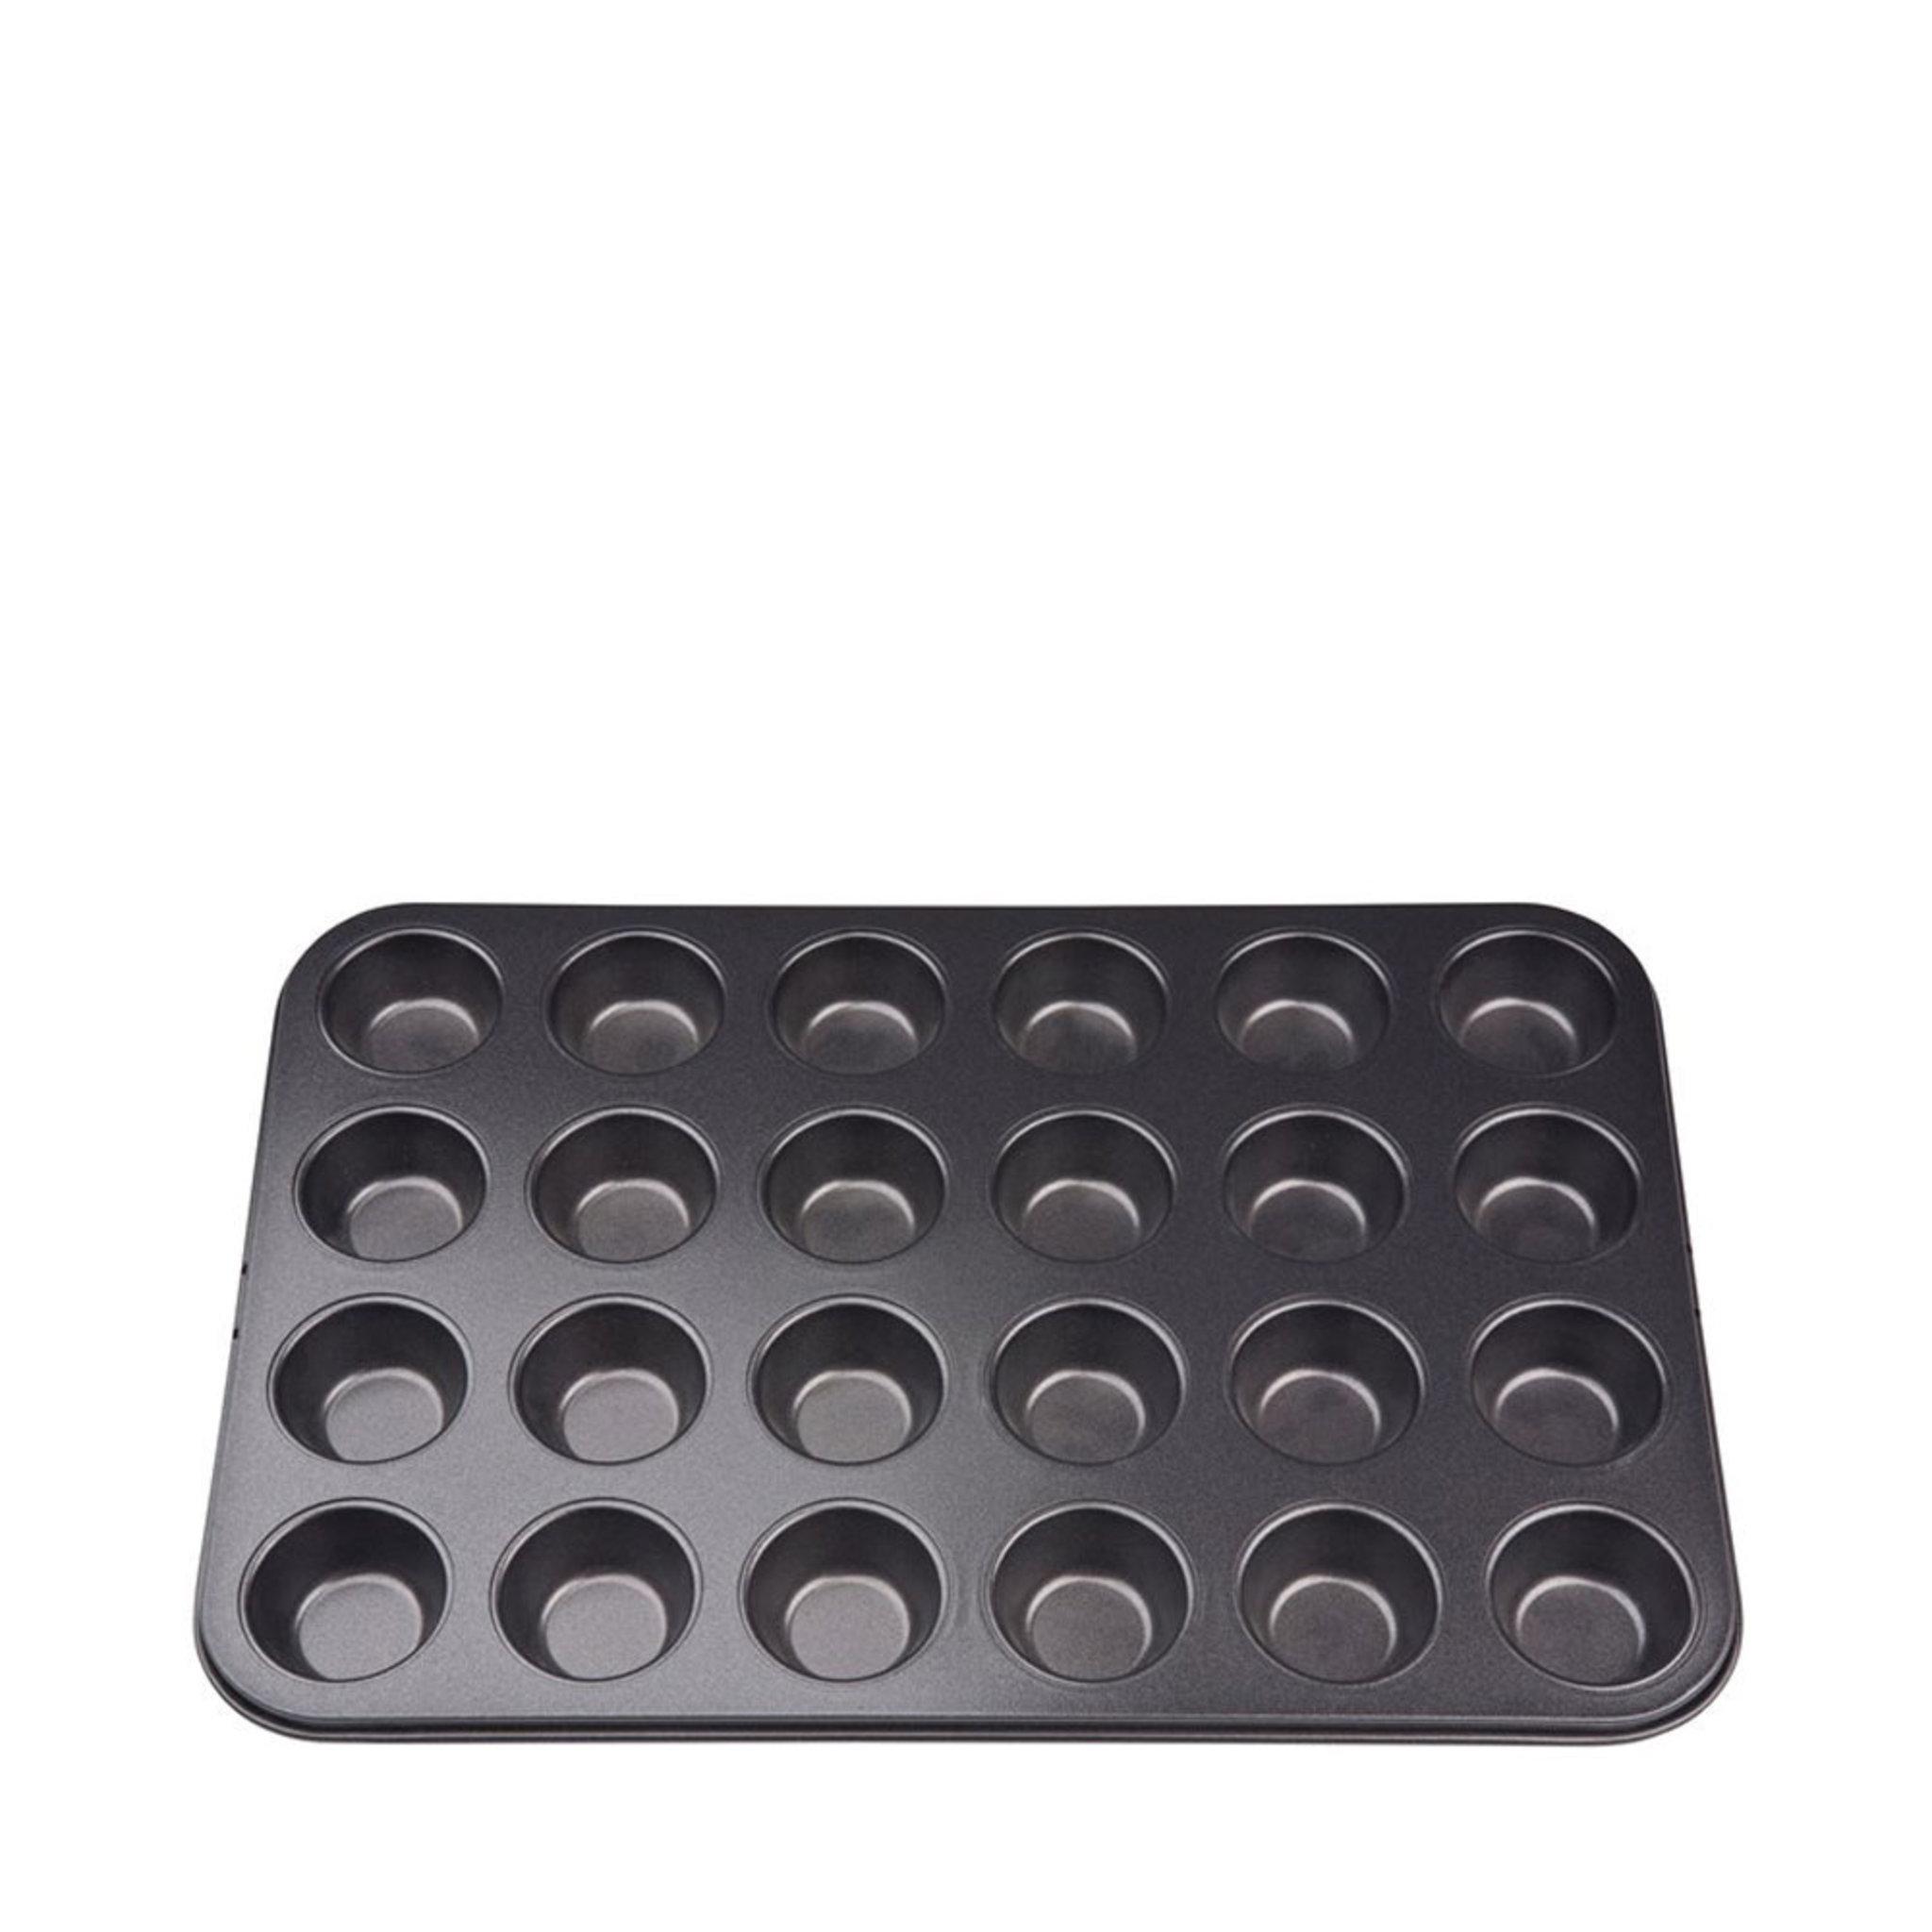 Muffinsform till 24 st Classic 35 cm